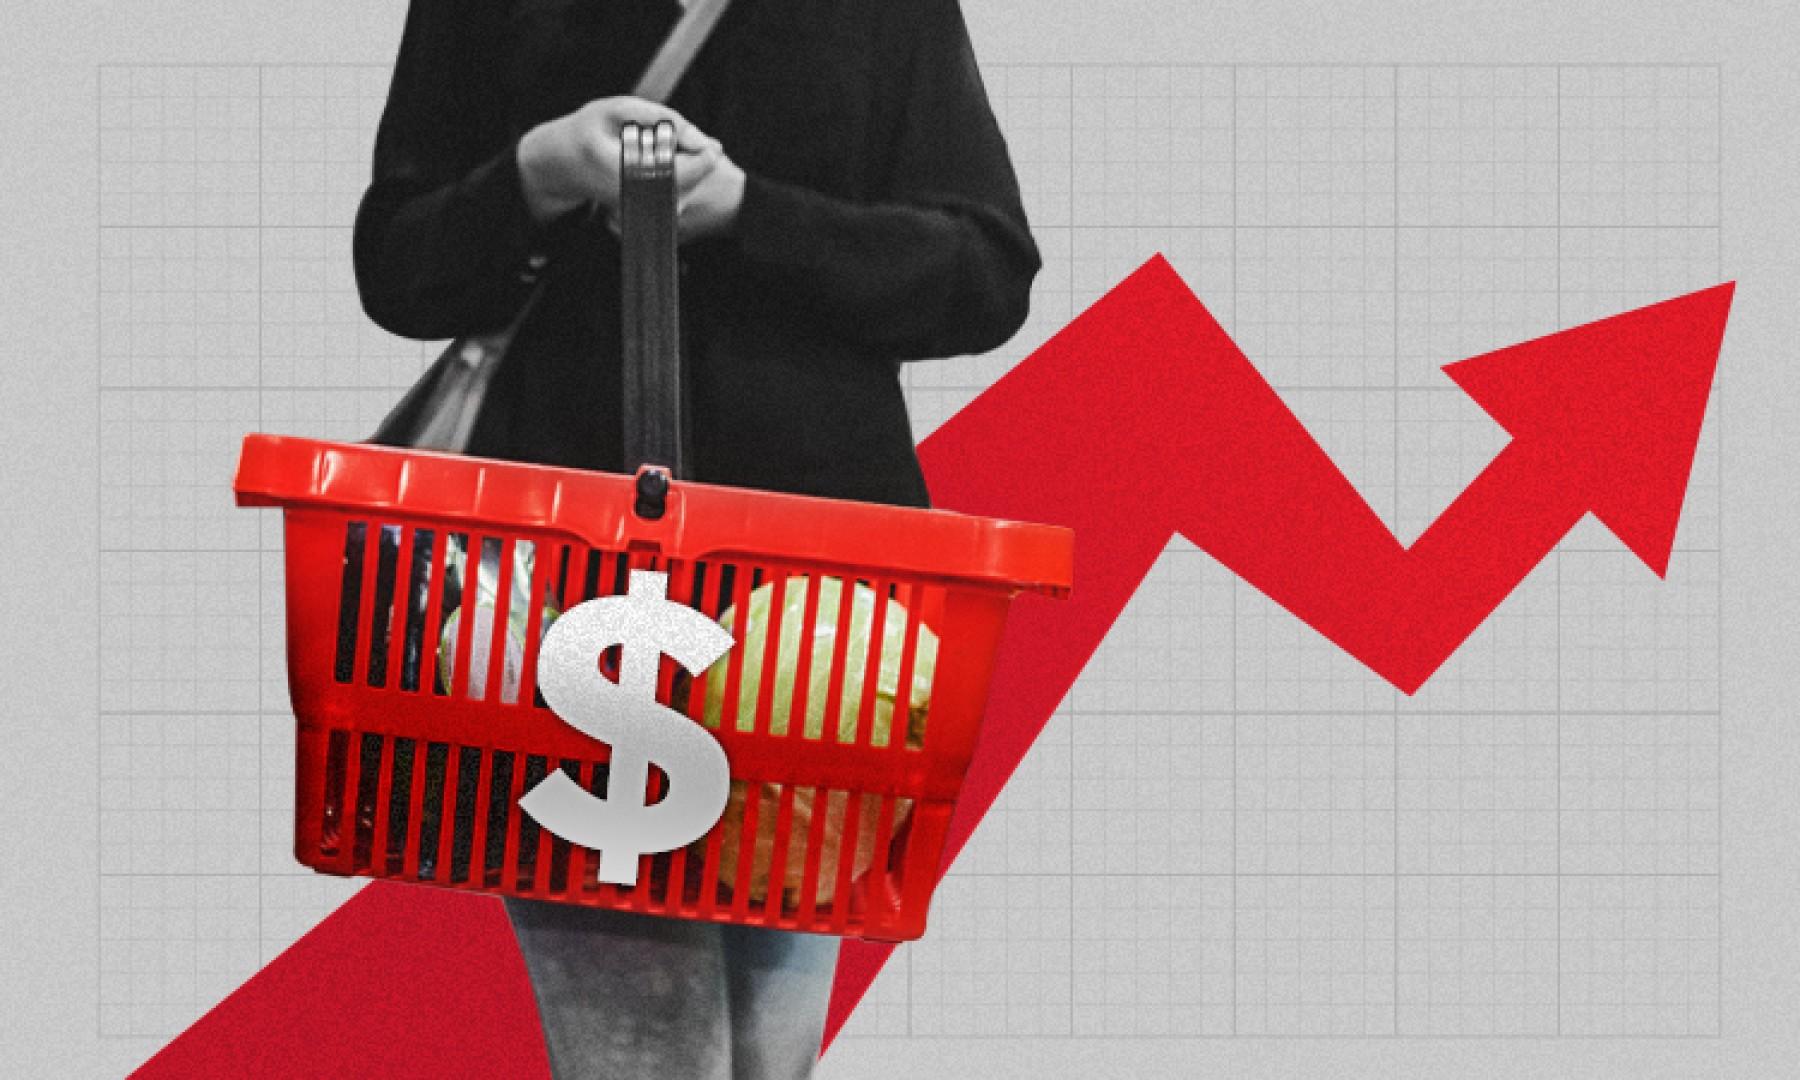 Los aumentos no dan tregua. Estimaciones privadas proyectan un 29% de inflación en 2021